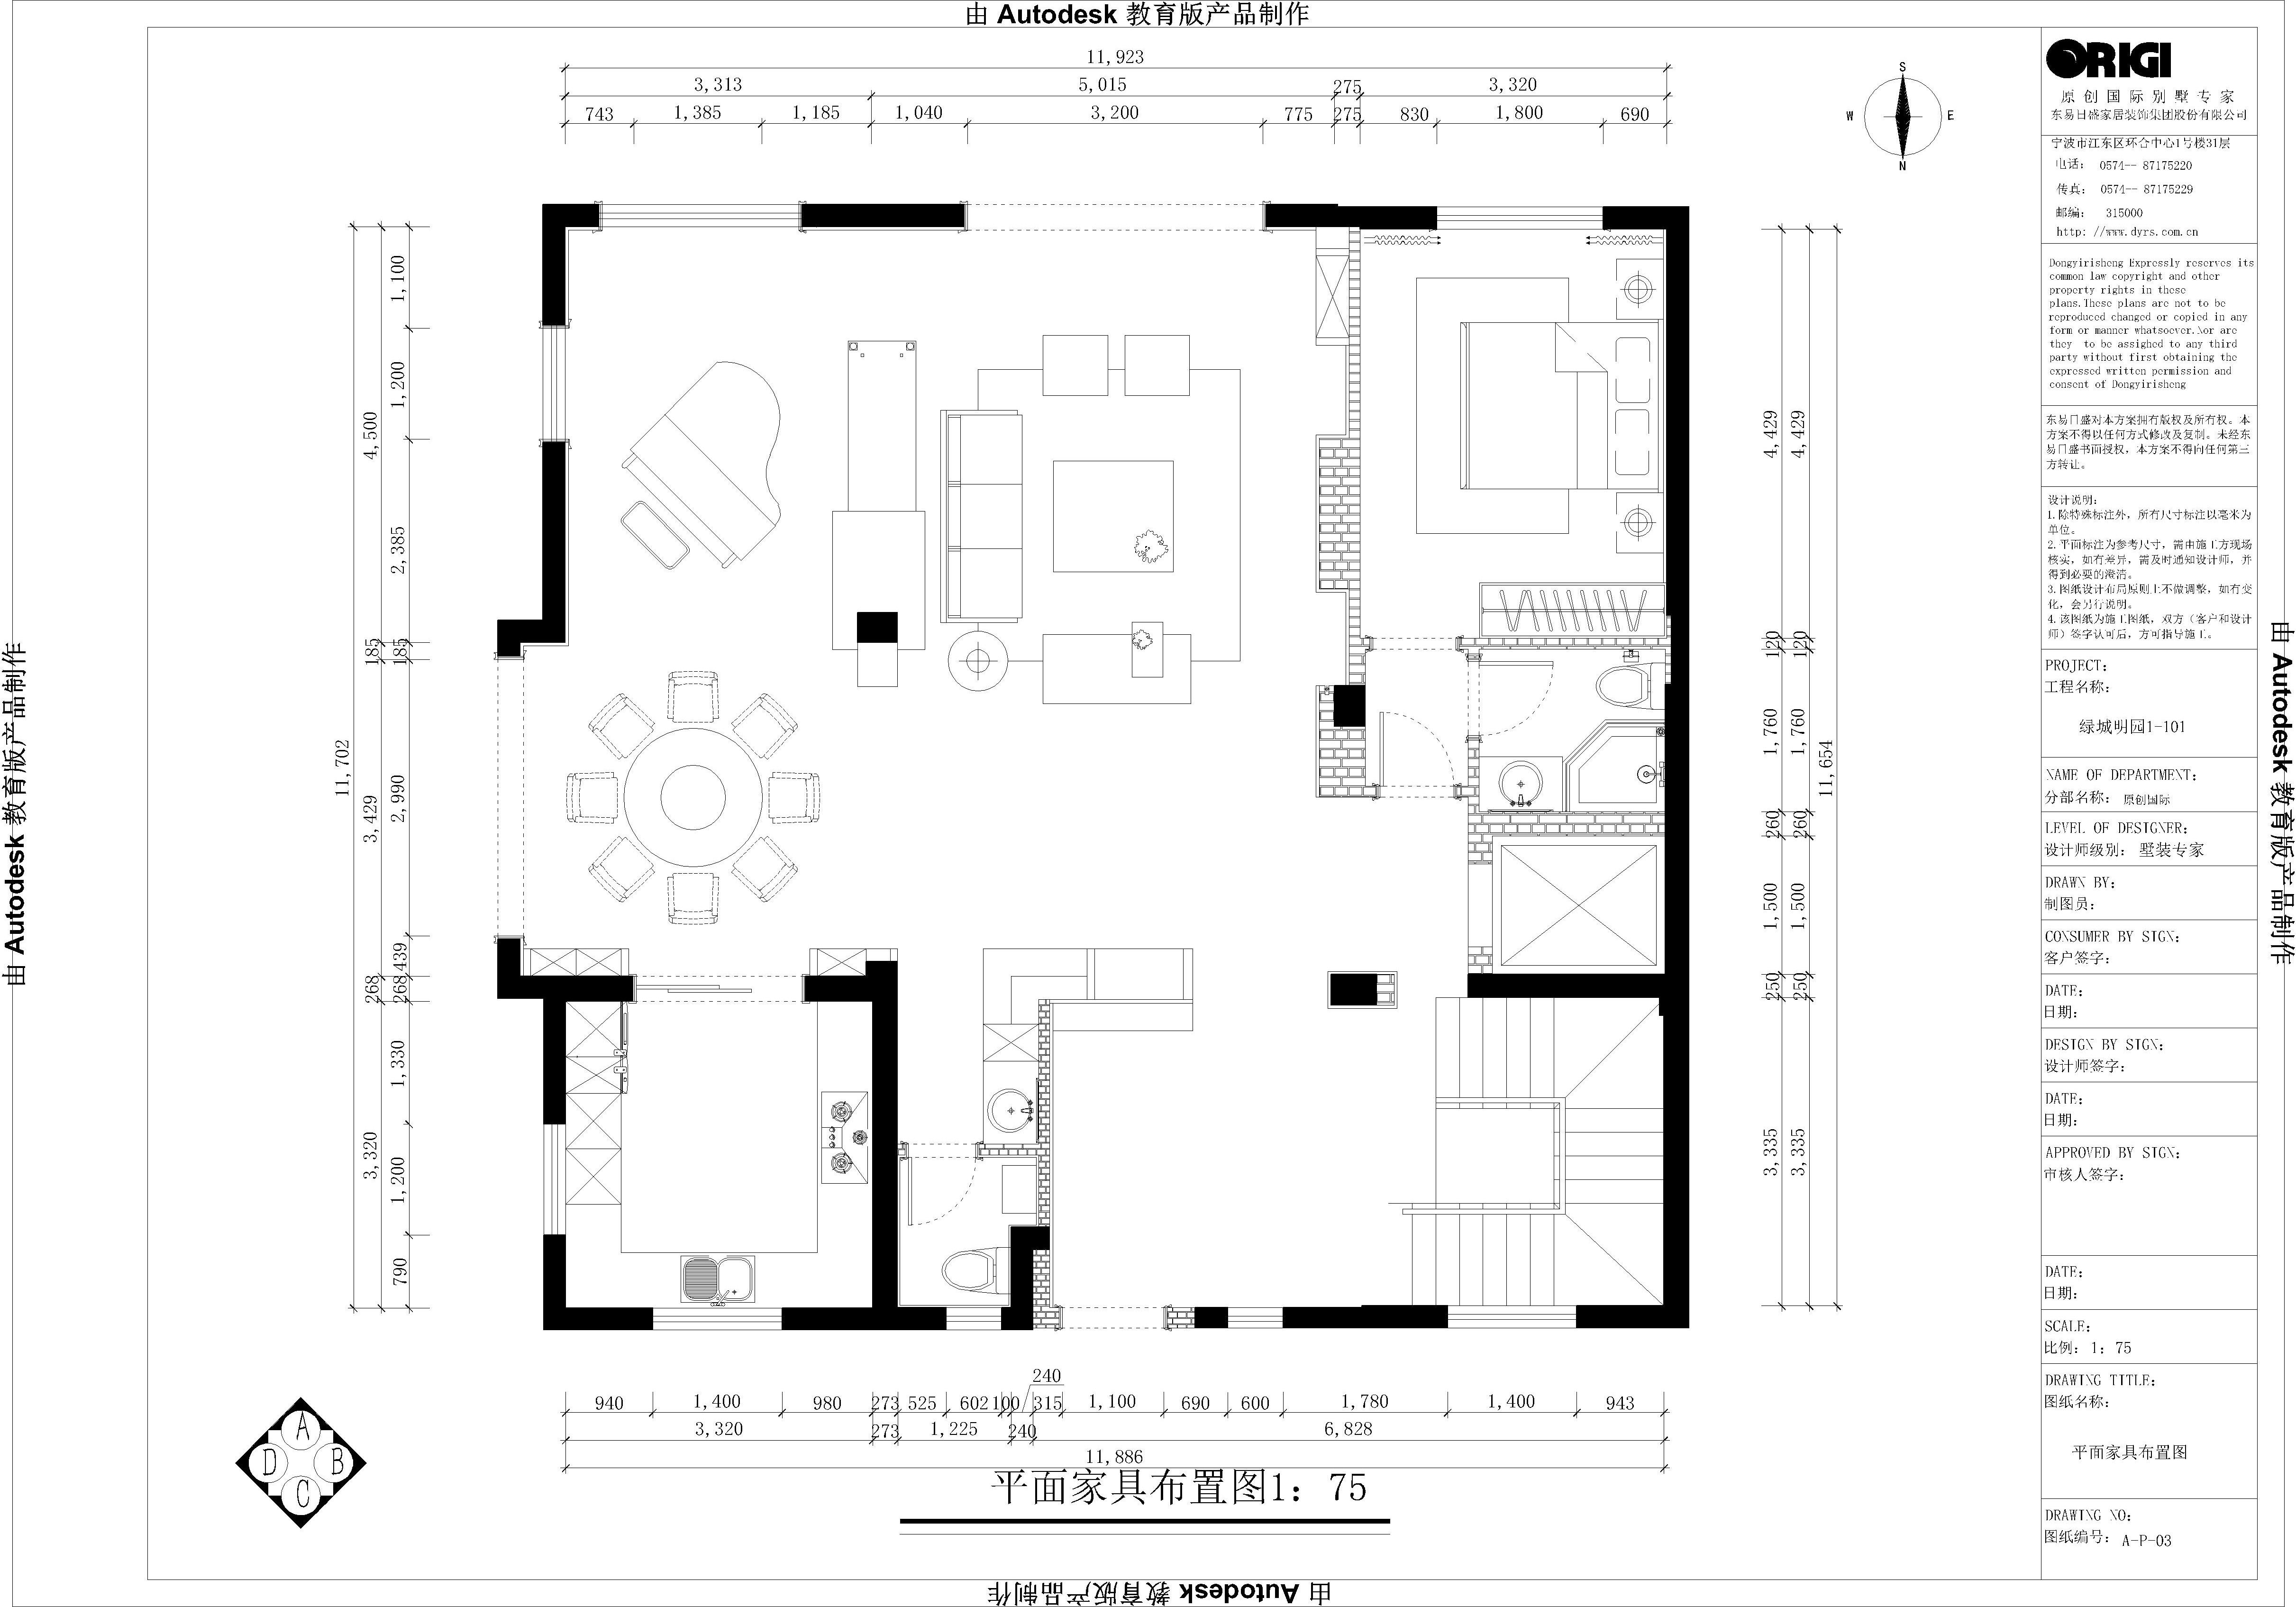 绿城明园-500平-意式轻奢装修设计理念